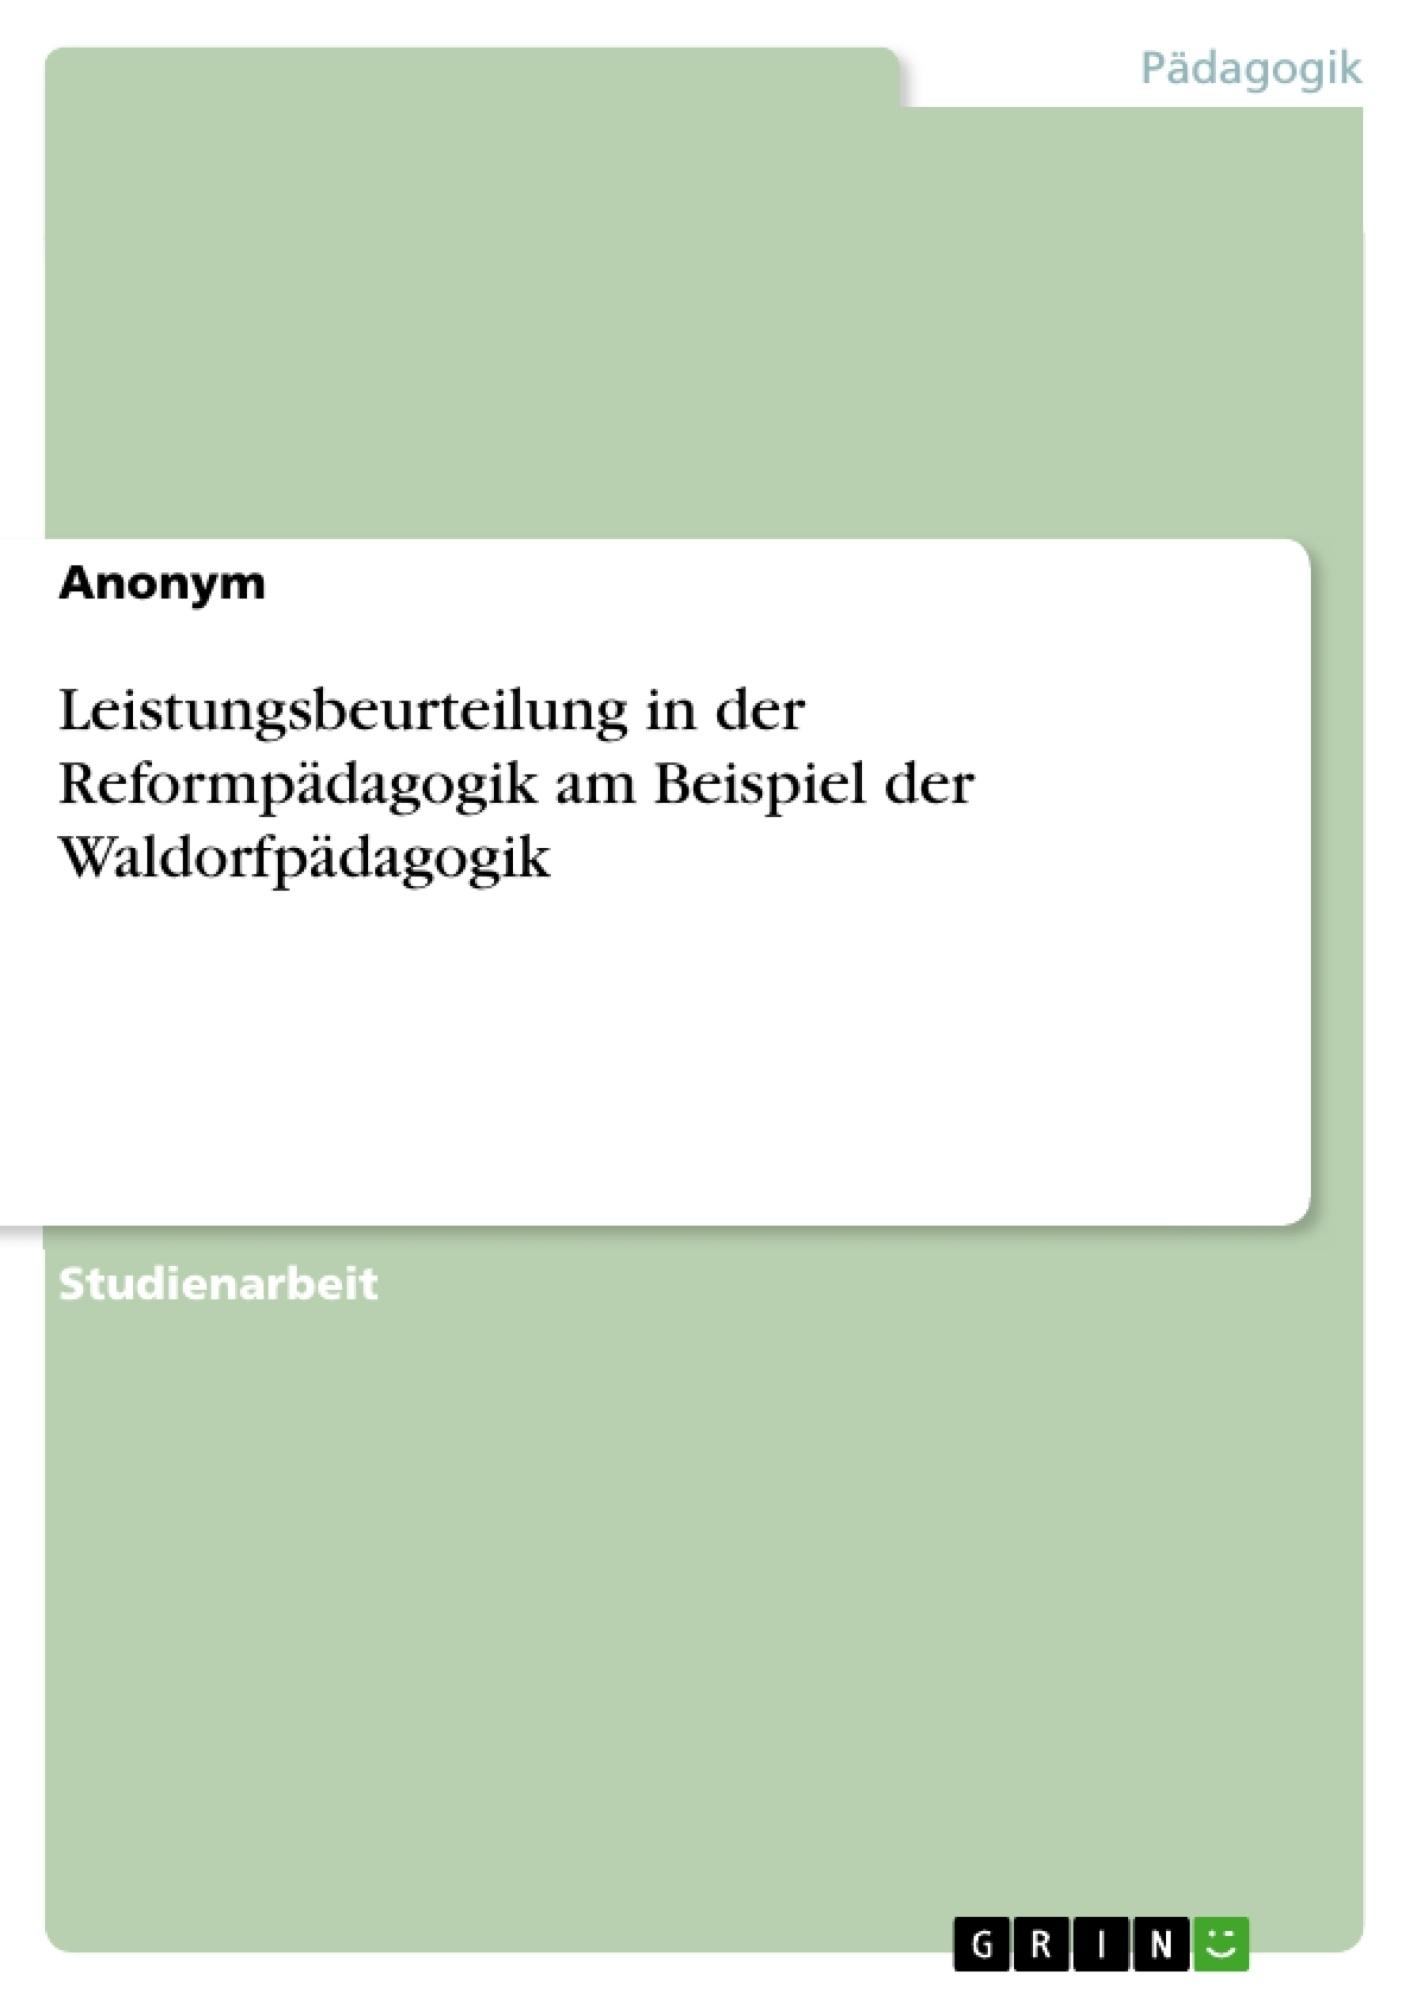 Titel: Leistungsbeurteilung in der Reformpädagogik am Beispiel der Waldorfpädagogik